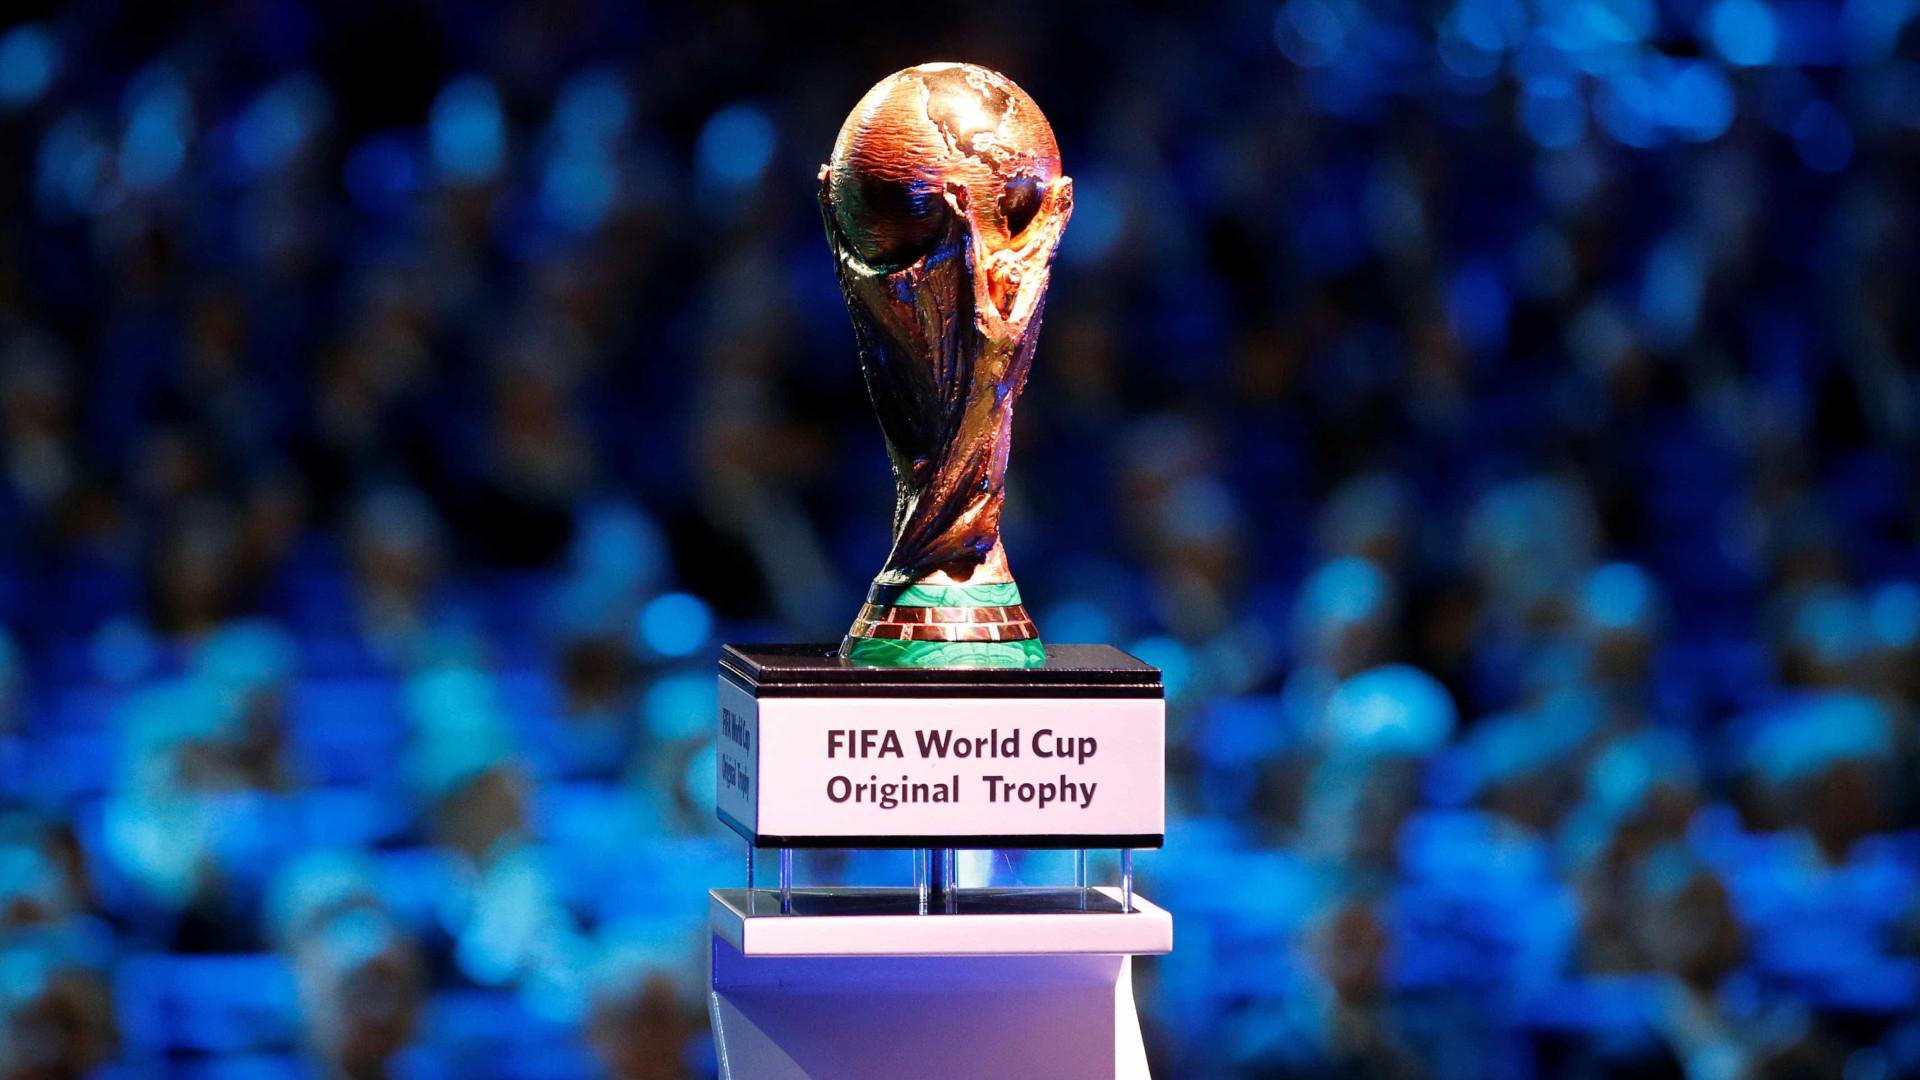 Faltam 150 dias para o início da Copa do Mundo Rússia 2018